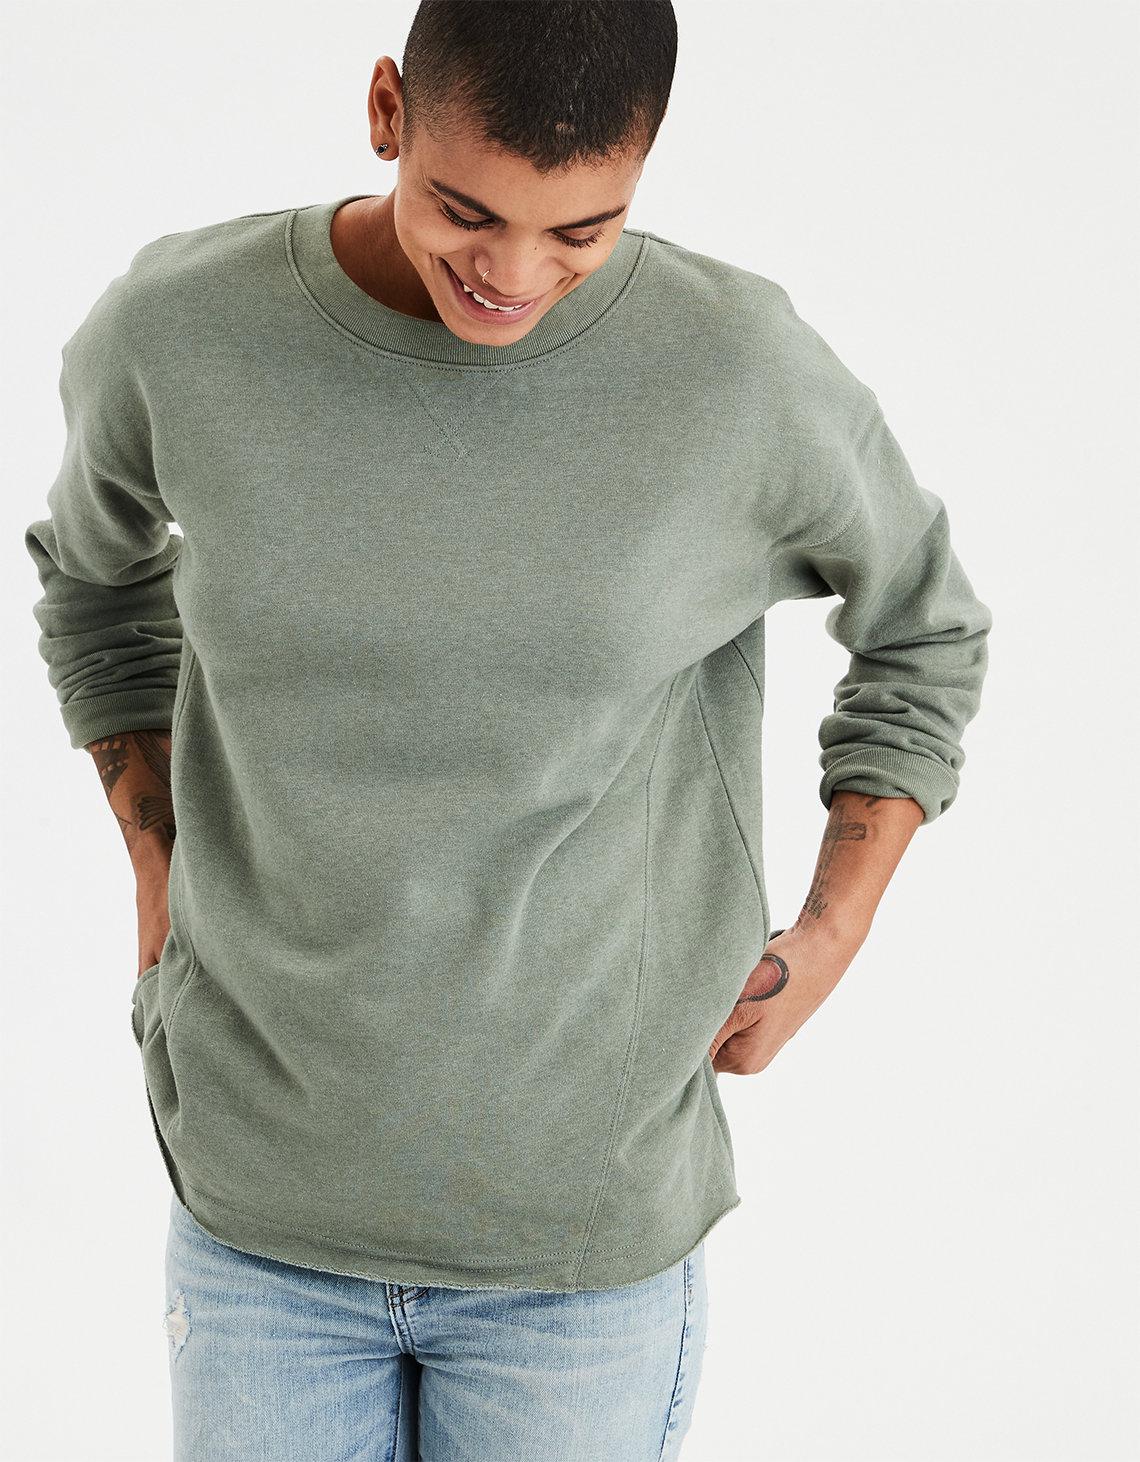 ae3eb2188551 ... Soft Oversized Crew Neck Sweatshirt. Placeholder image. Product Image